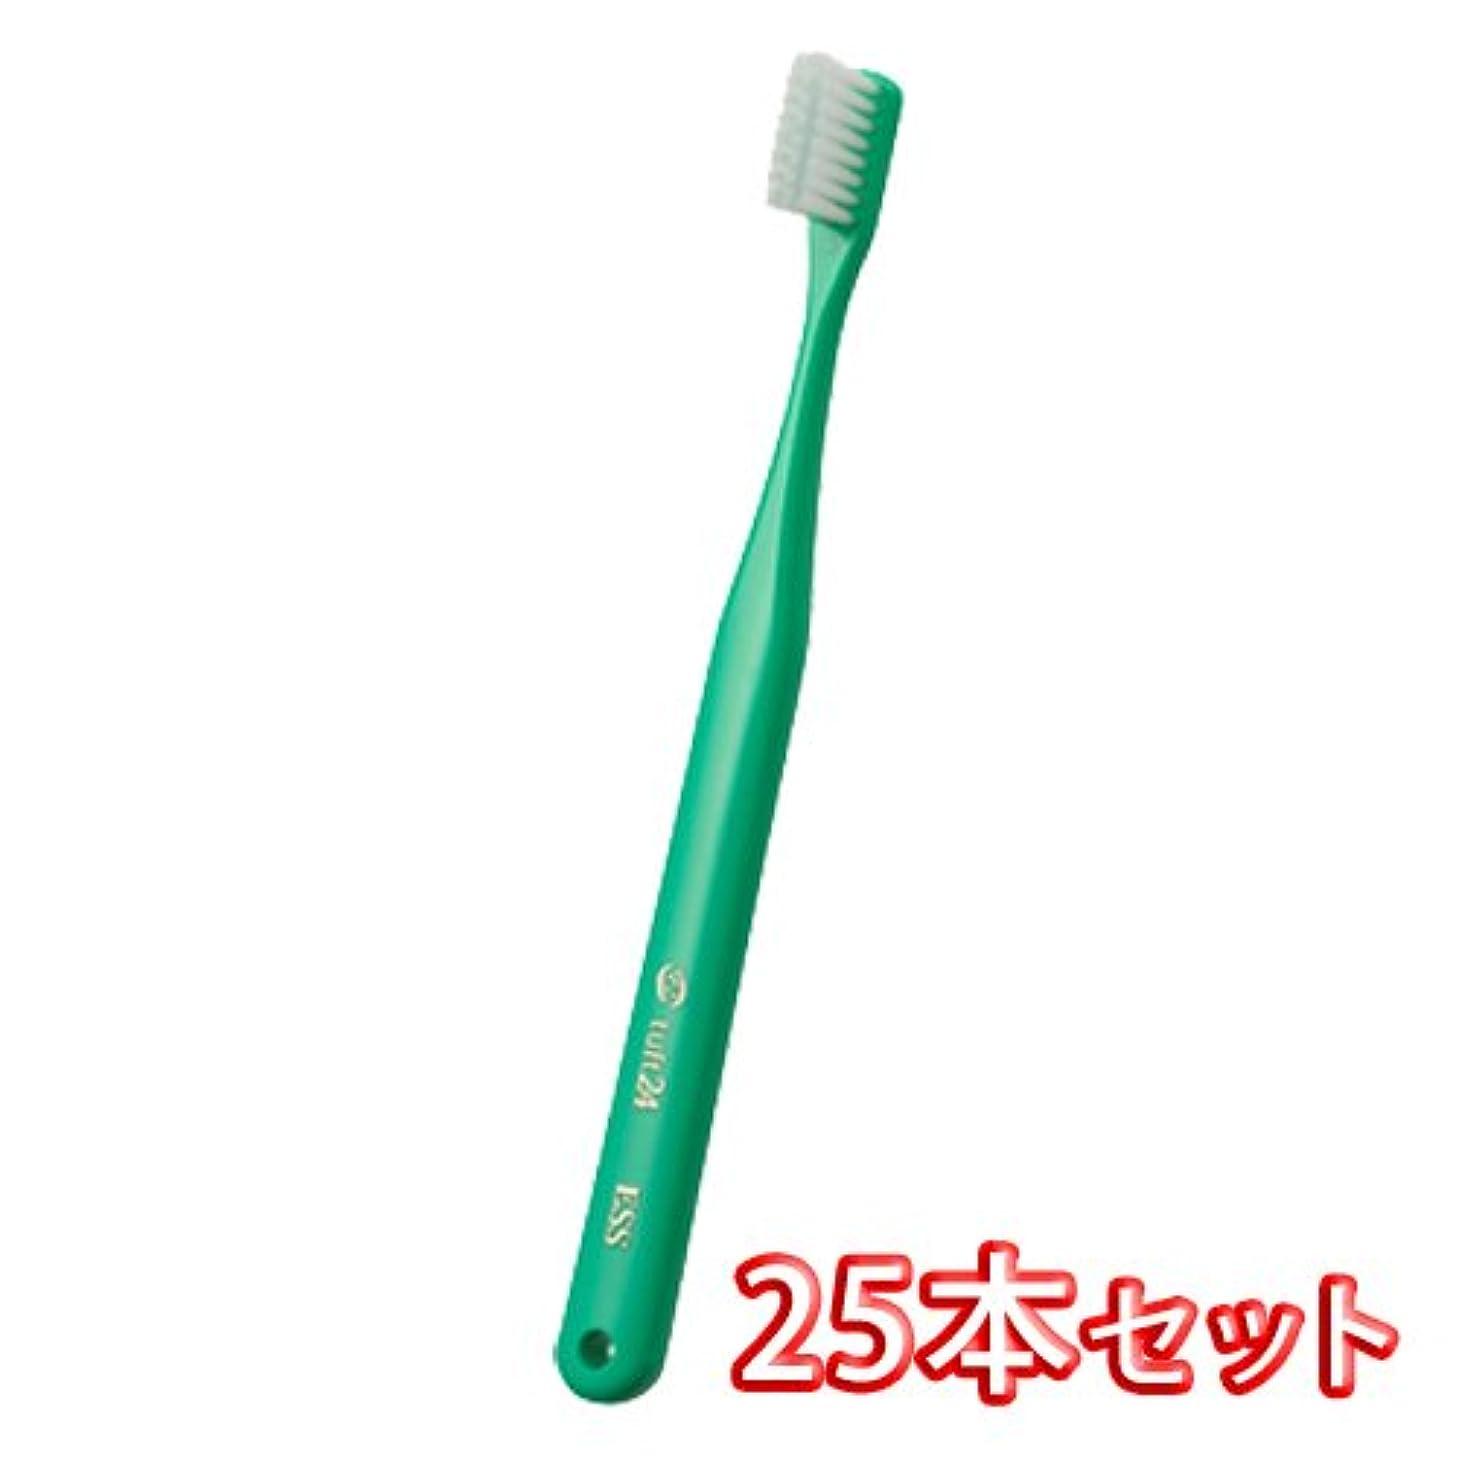 震える困惑ステレオタイプオーラルケア キャップ付き タフト 24 歯ブラシ 25本入 ミディアムハード MH (グリーン)